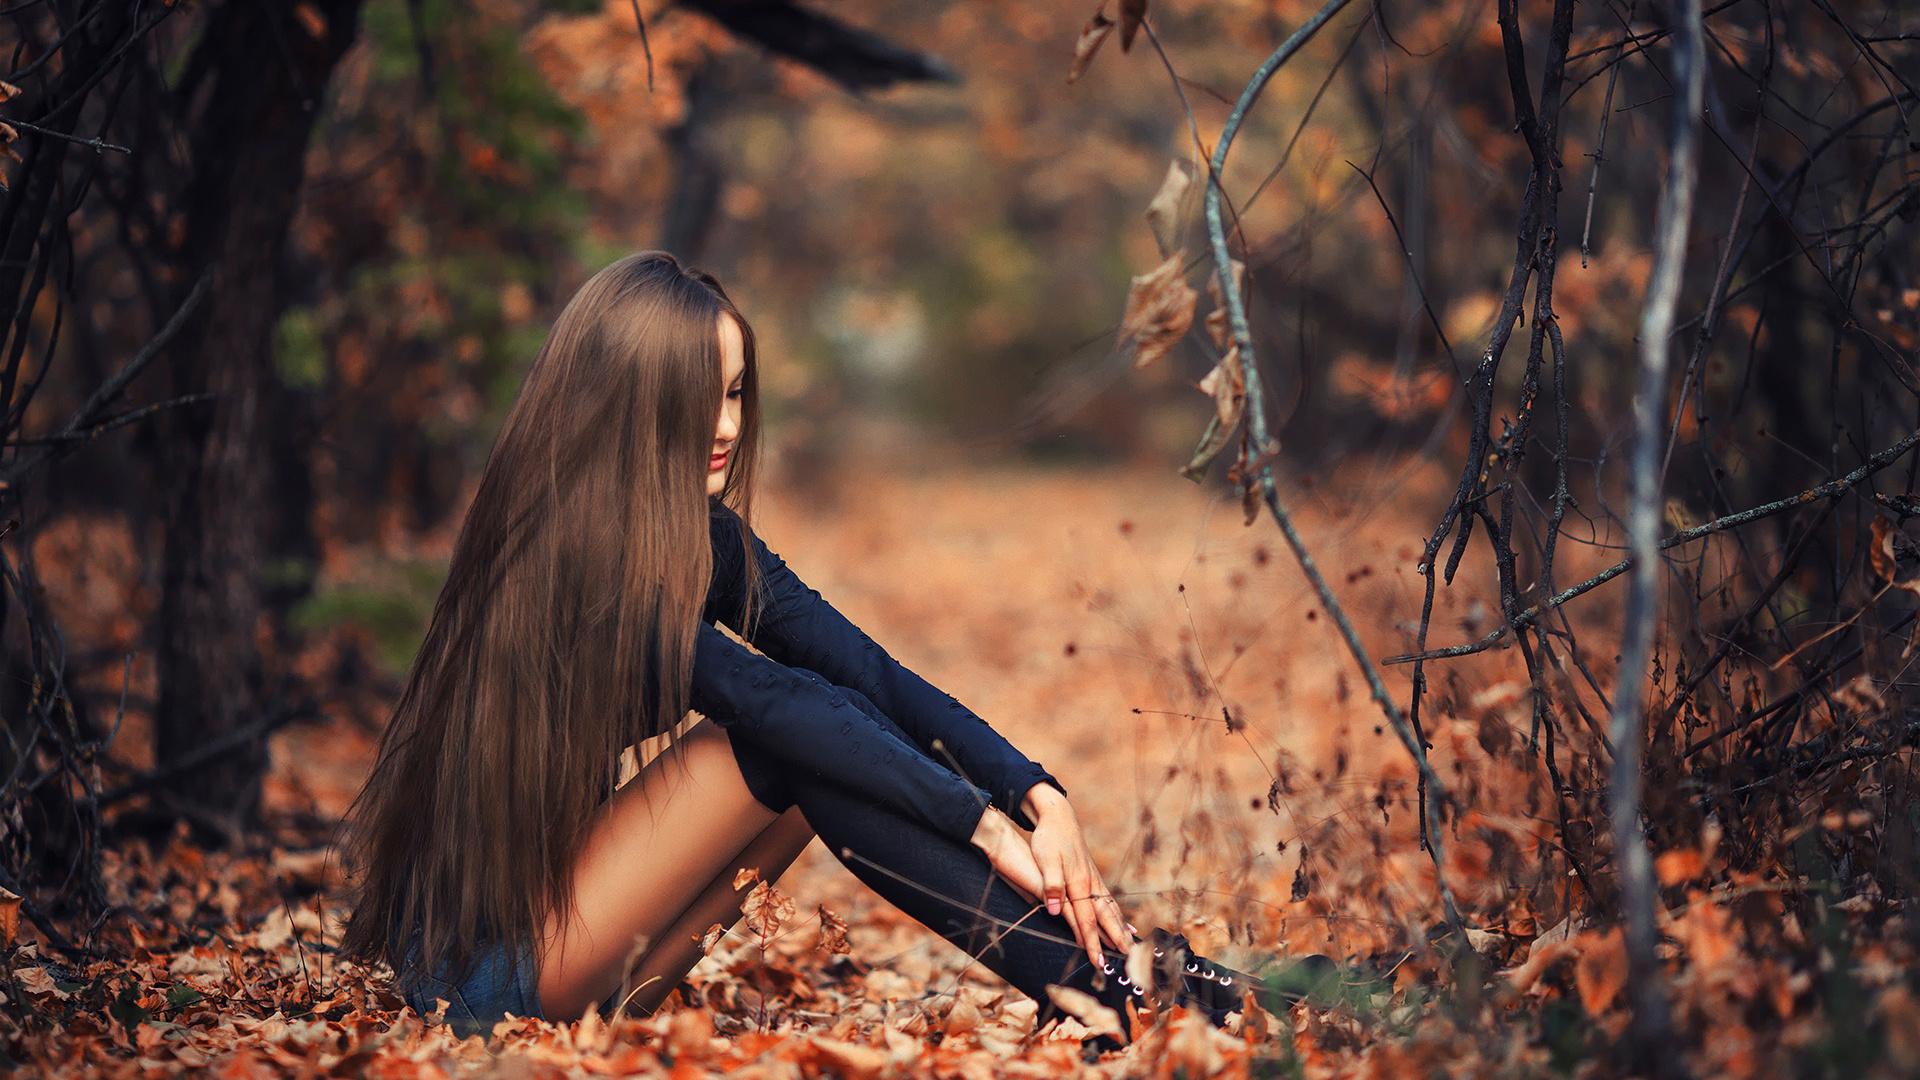 Картинки с женщинами красивые без лица на природе осенью